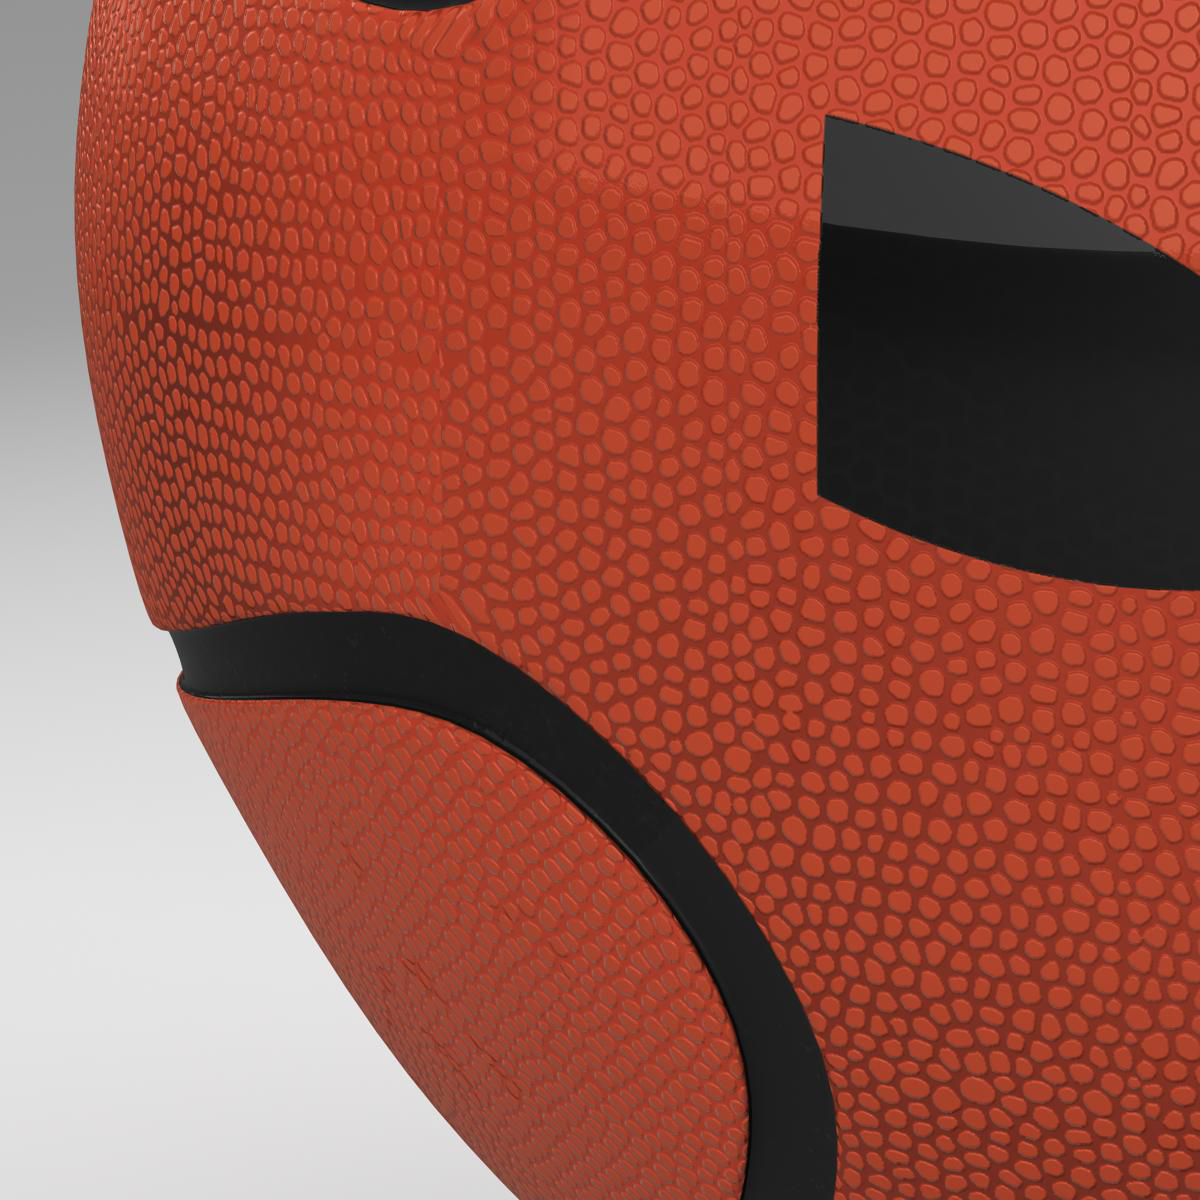 košarkaška lopta zvijezda narančasta 3d model 3ds max fbx c4d ma mb obj 165721